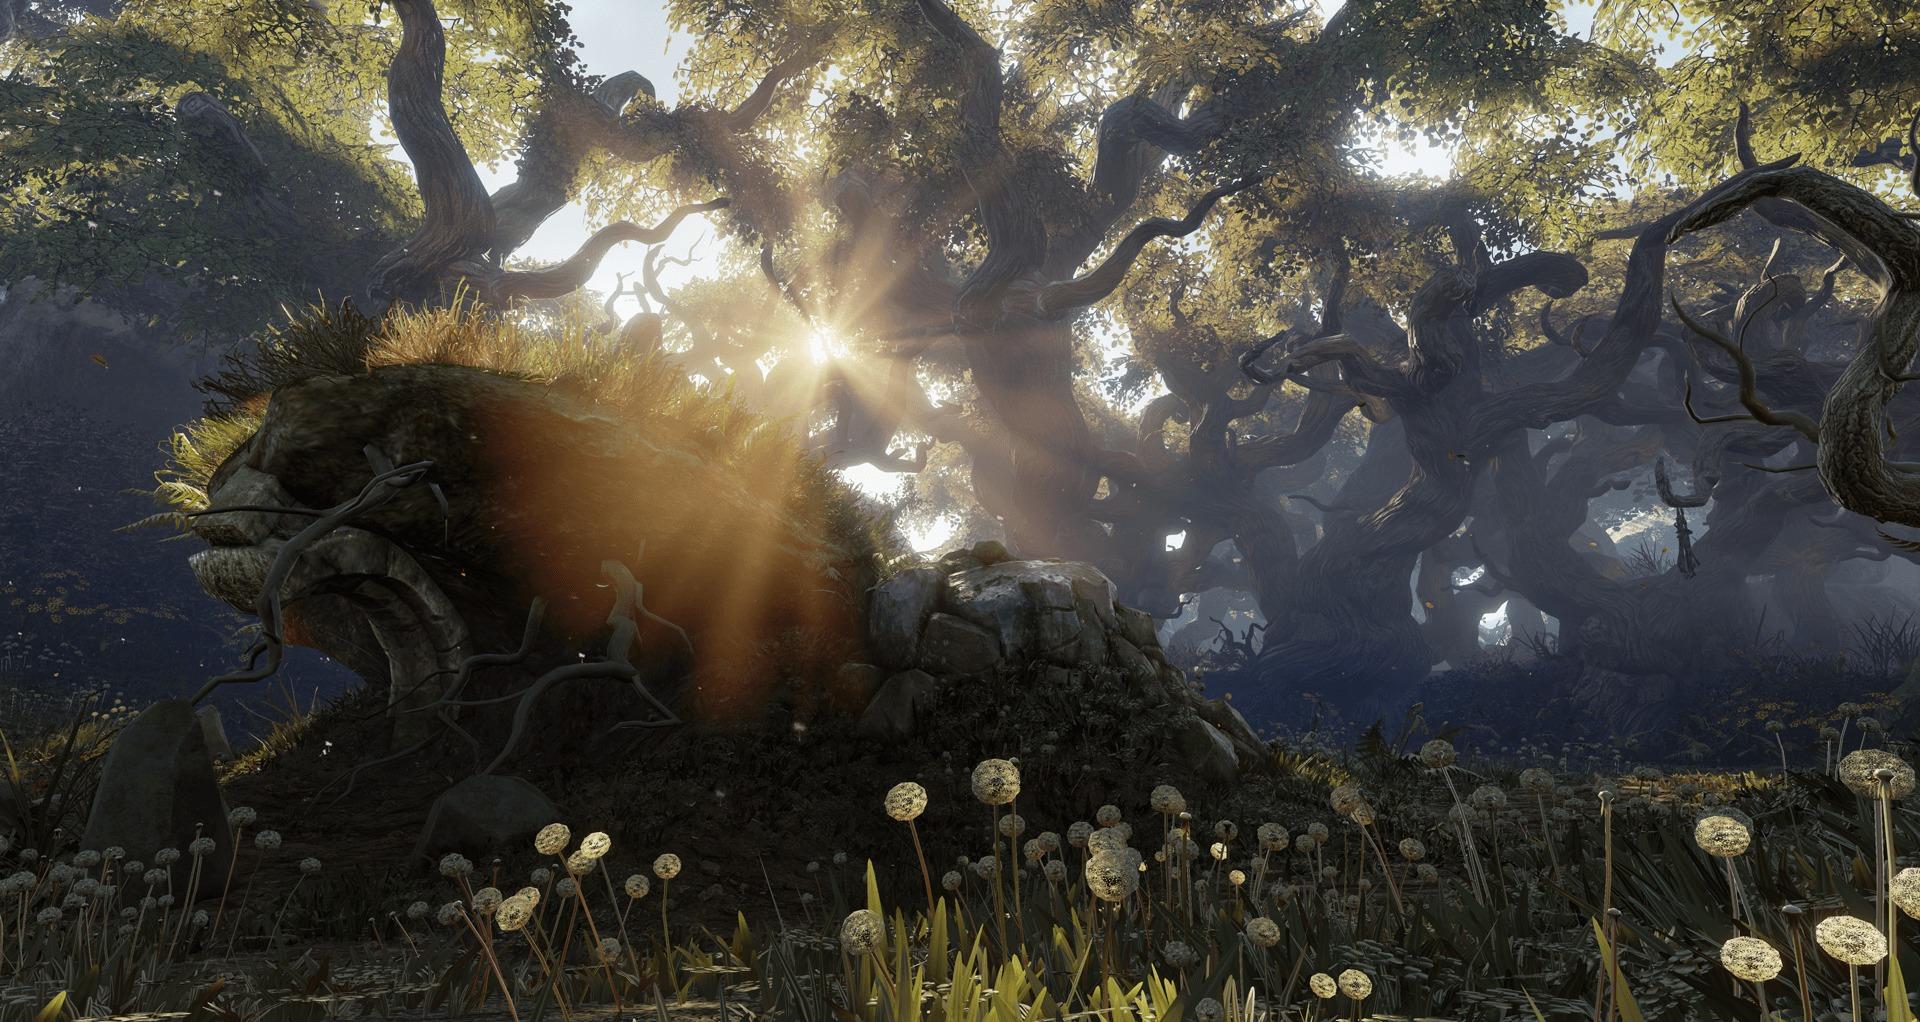 Fable Legends drar nytte av DirectX 12 for bedre ytelse og grafikk ved å utnytte de mange kjernene som finnes i dagens PC-er med moderne GPU-er og CPU-er.